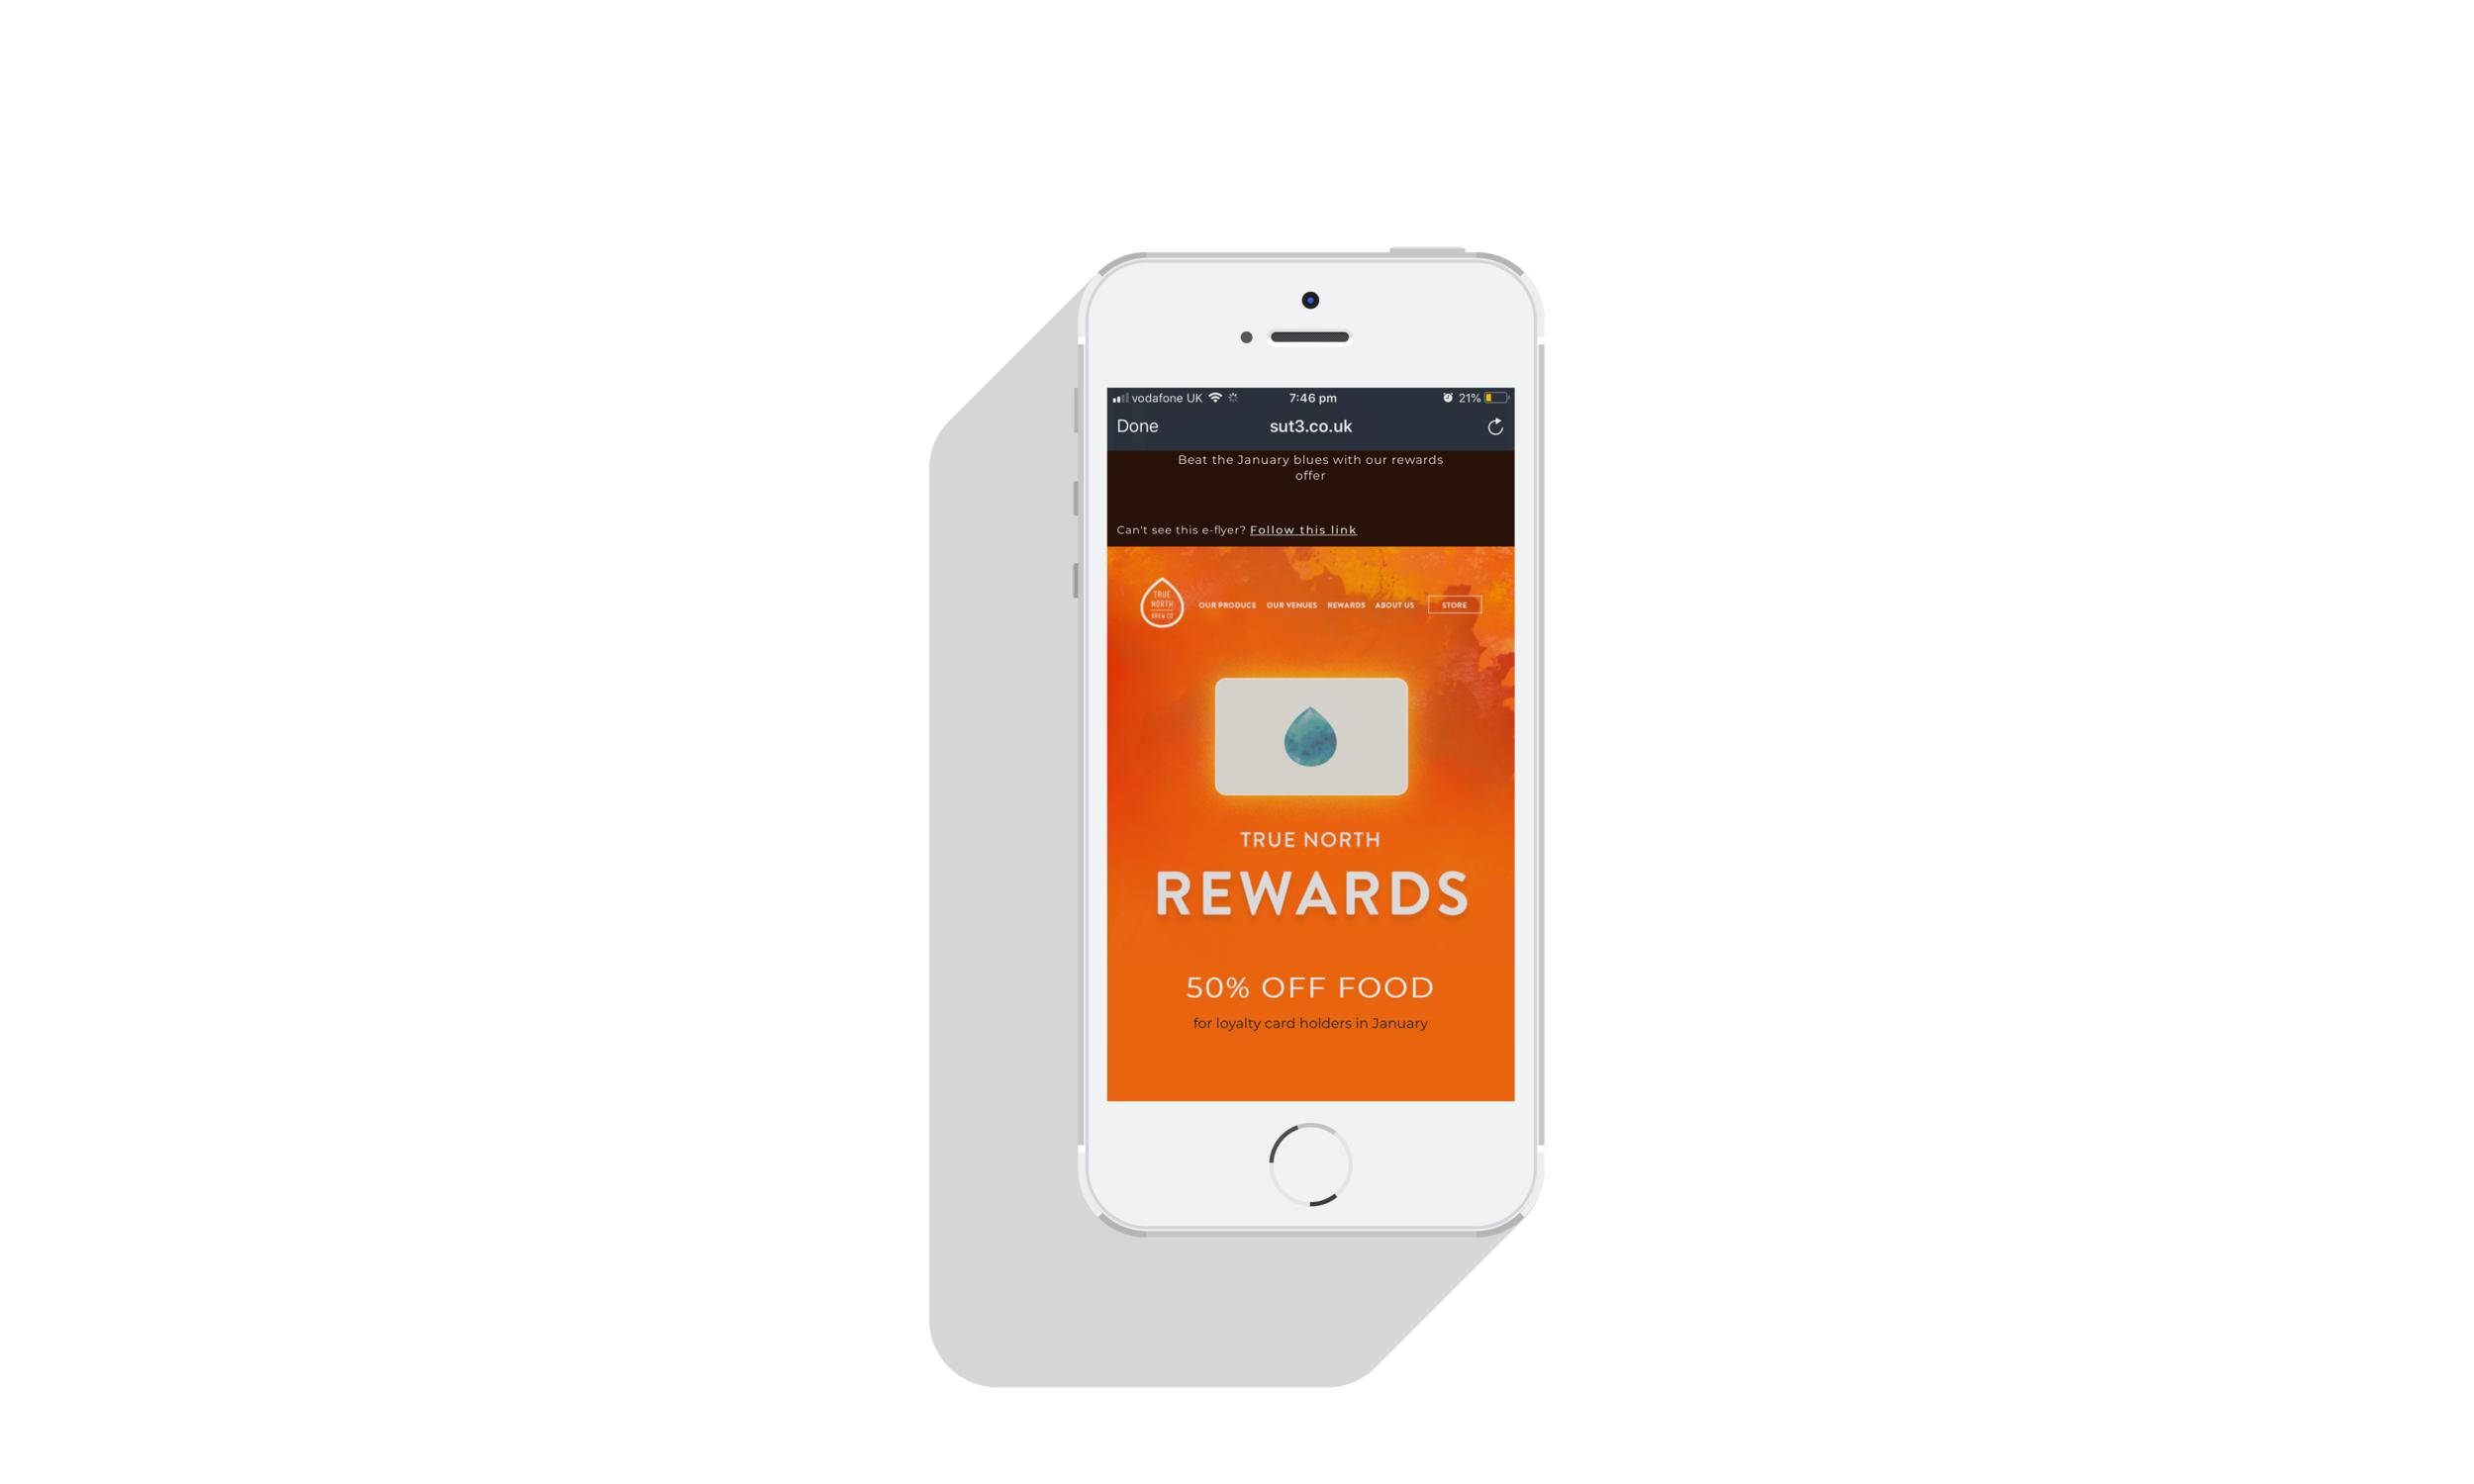 rewards-sign-up.png